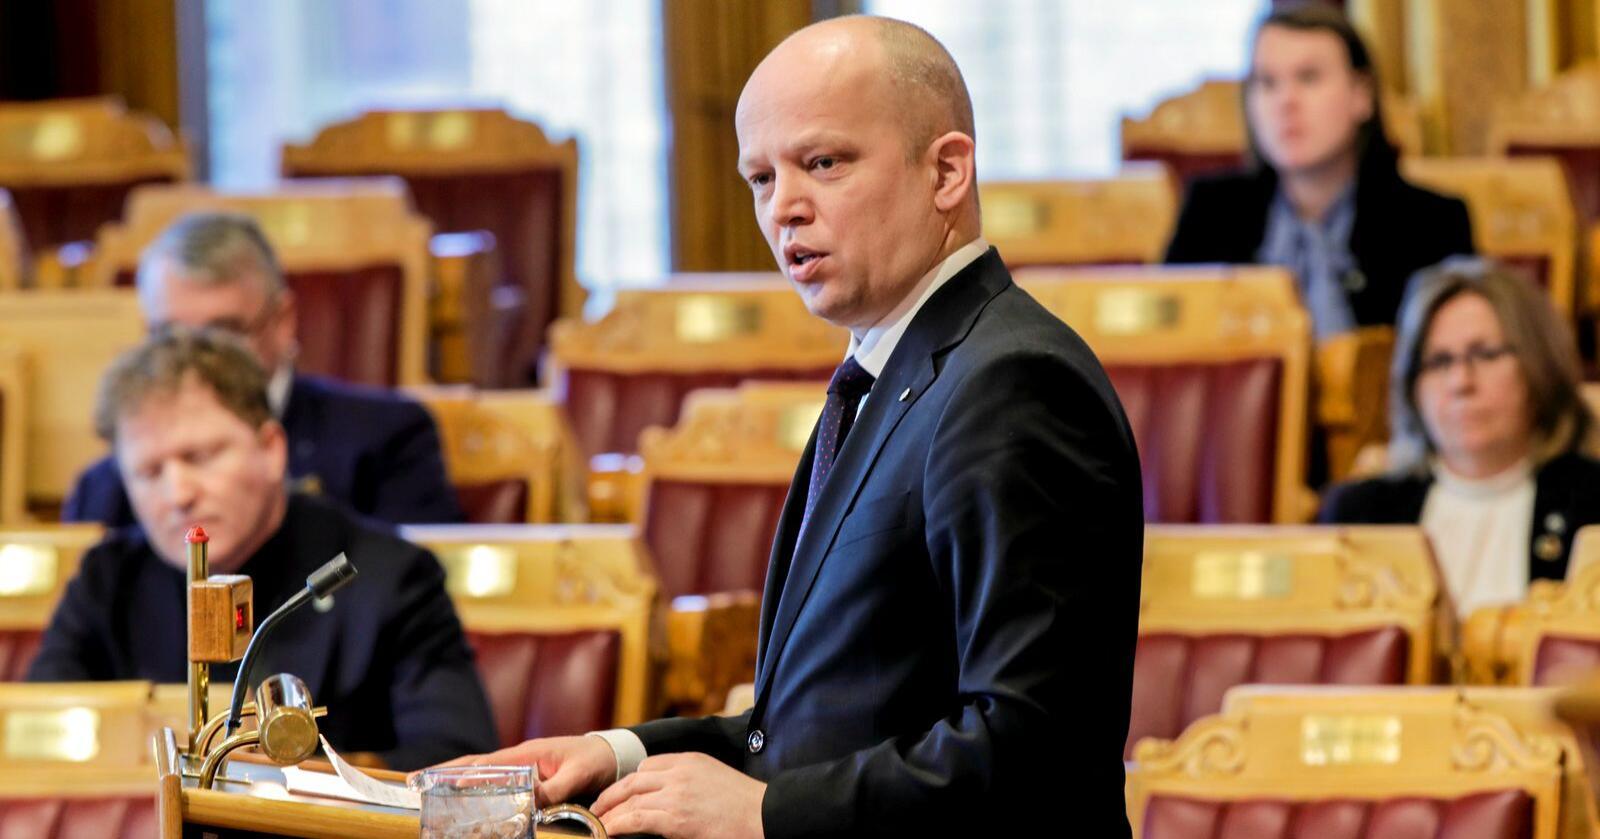 Har ikke god skattepolitikk: Senterpartiet og leder Trygve Magnus Slagsvold. Foto: Vidar Ruud